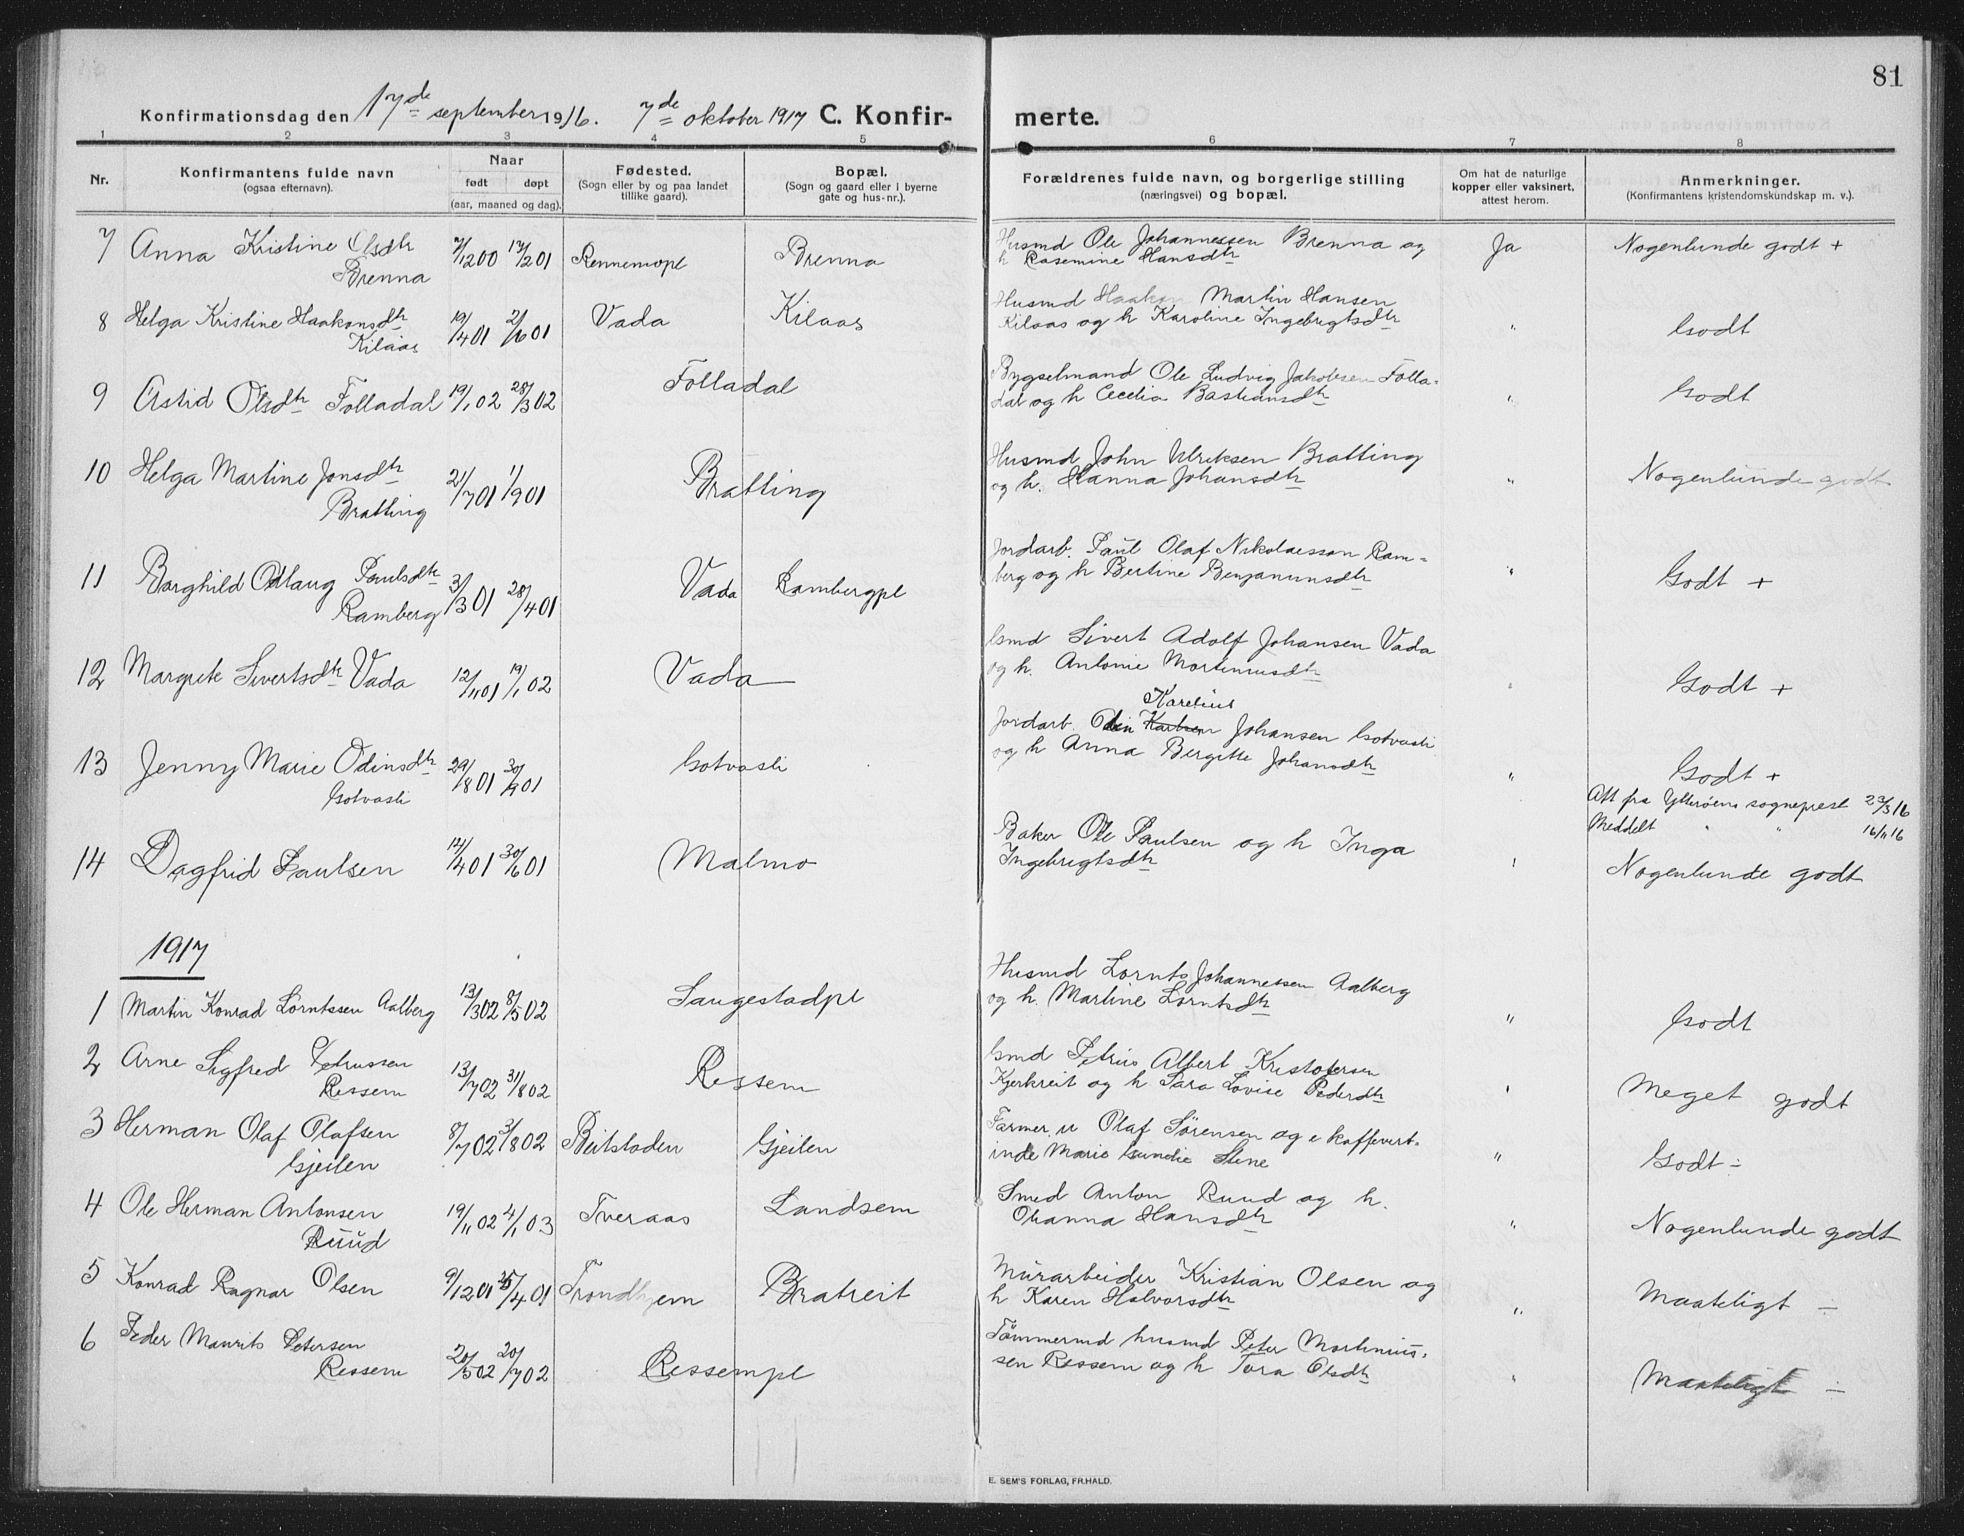 SAT, Ministerialprotokoller, klokkerbøker og fødselsregistre - Nord-Trøndelag, 745/L0434: Klokkerbok nr. 745C03, 1914-1937, s. 81